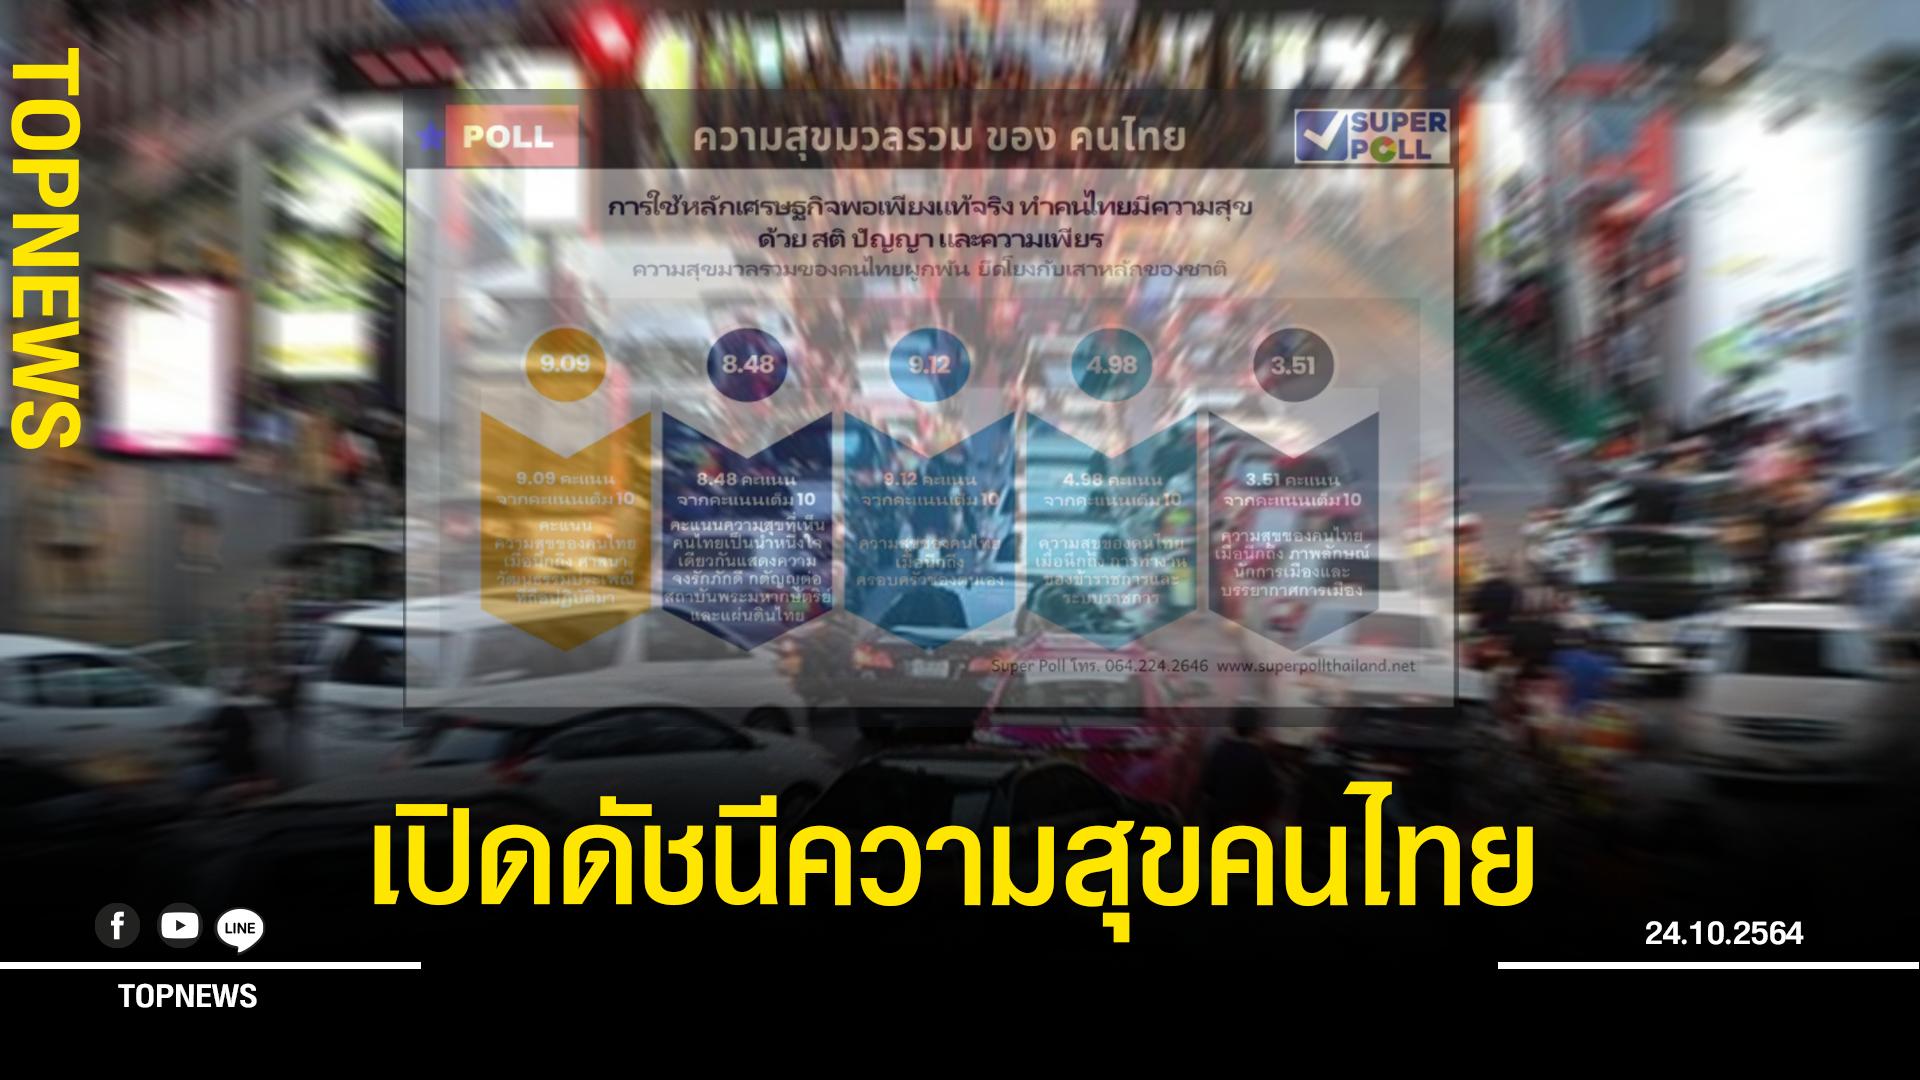 ซูเปอร์โพล เผยผลสำรวจความสุขมวลรวมของคนไทย อยากเห็นความเป็นน้ำหนึ่งใจเดียวกัน แสดงความจงรักภักดี กตัญญูต่อสถาบัน